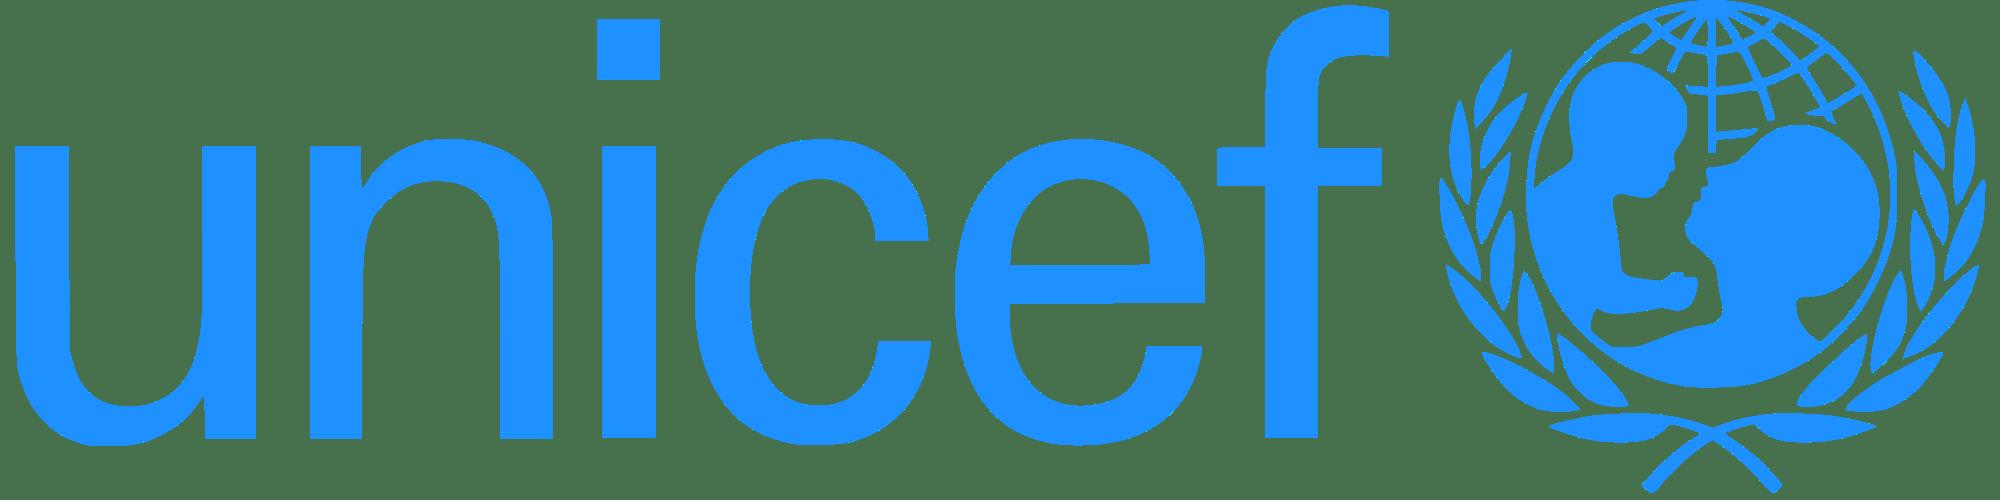 UNICEFLOGO